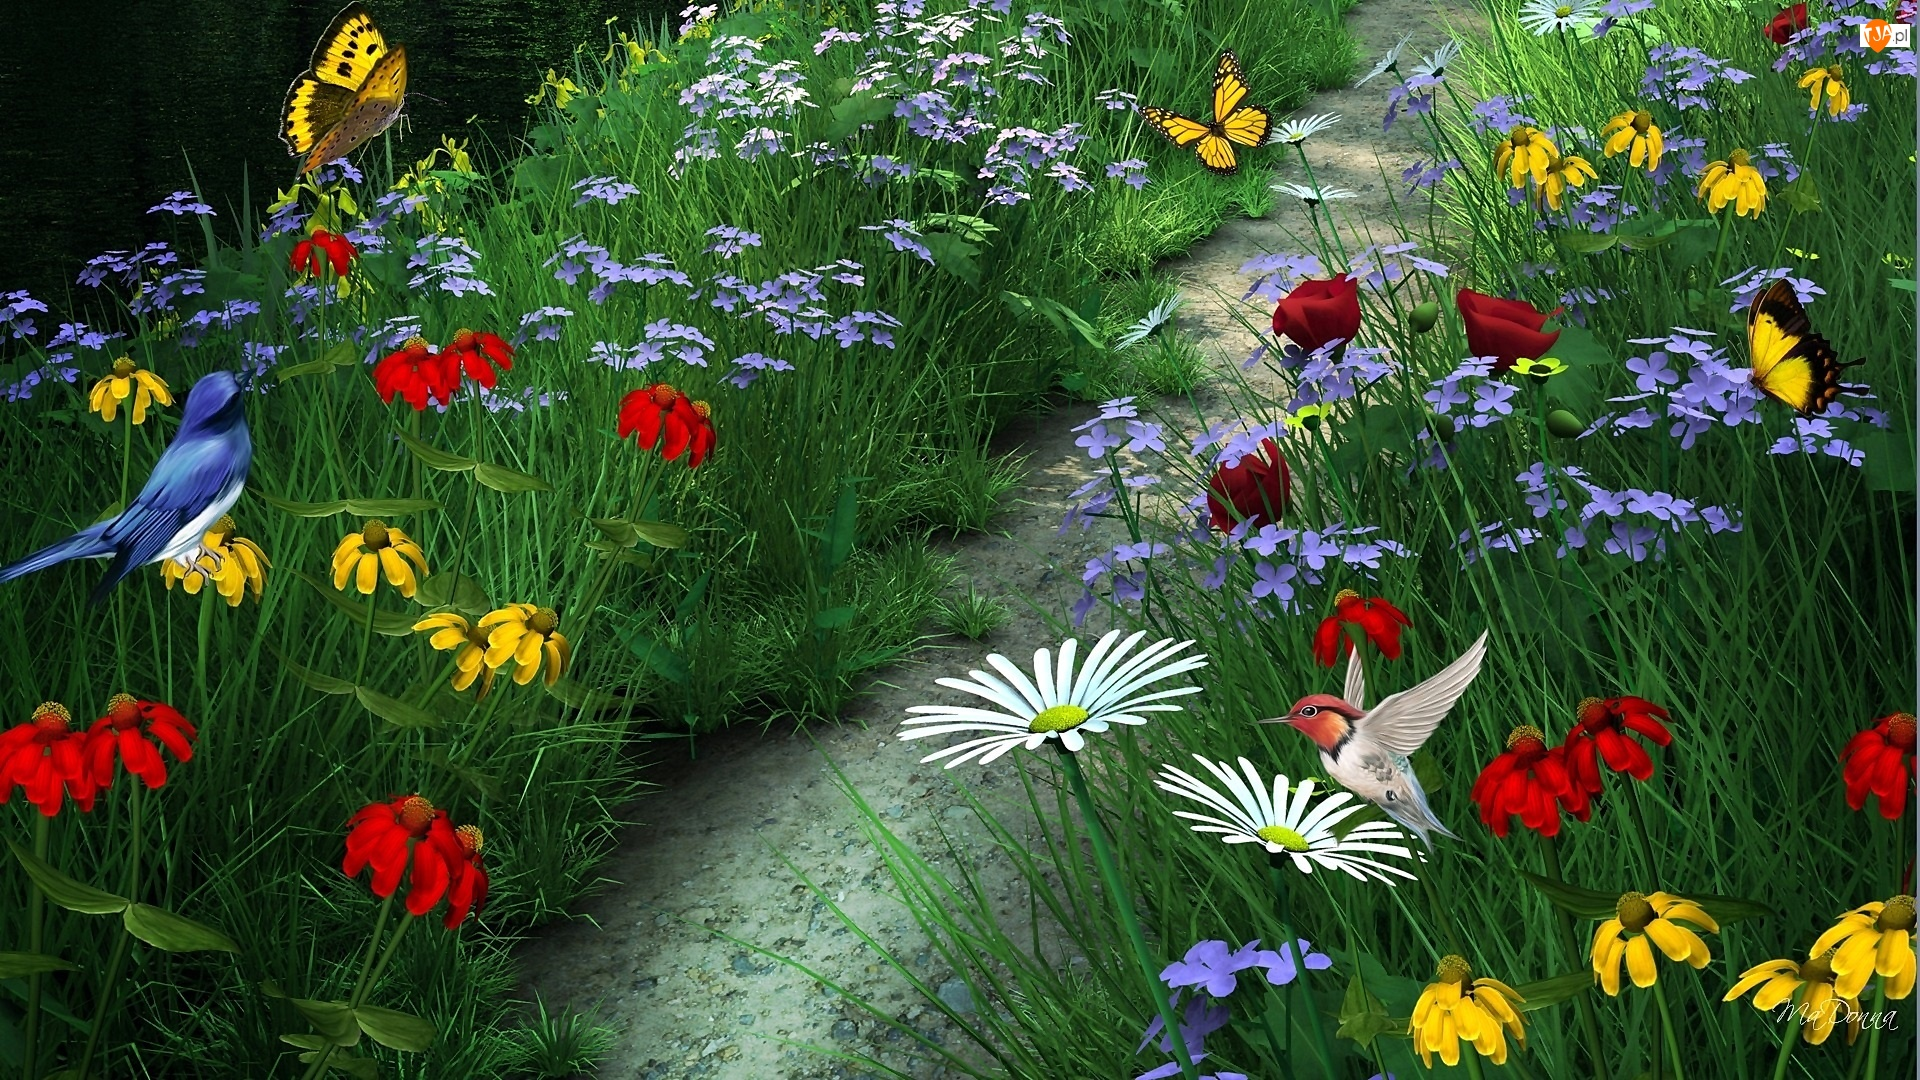 Motyle, Kwiaty, Kolorowe, Ścieżka, Rzeka, Polne, Ptaszki